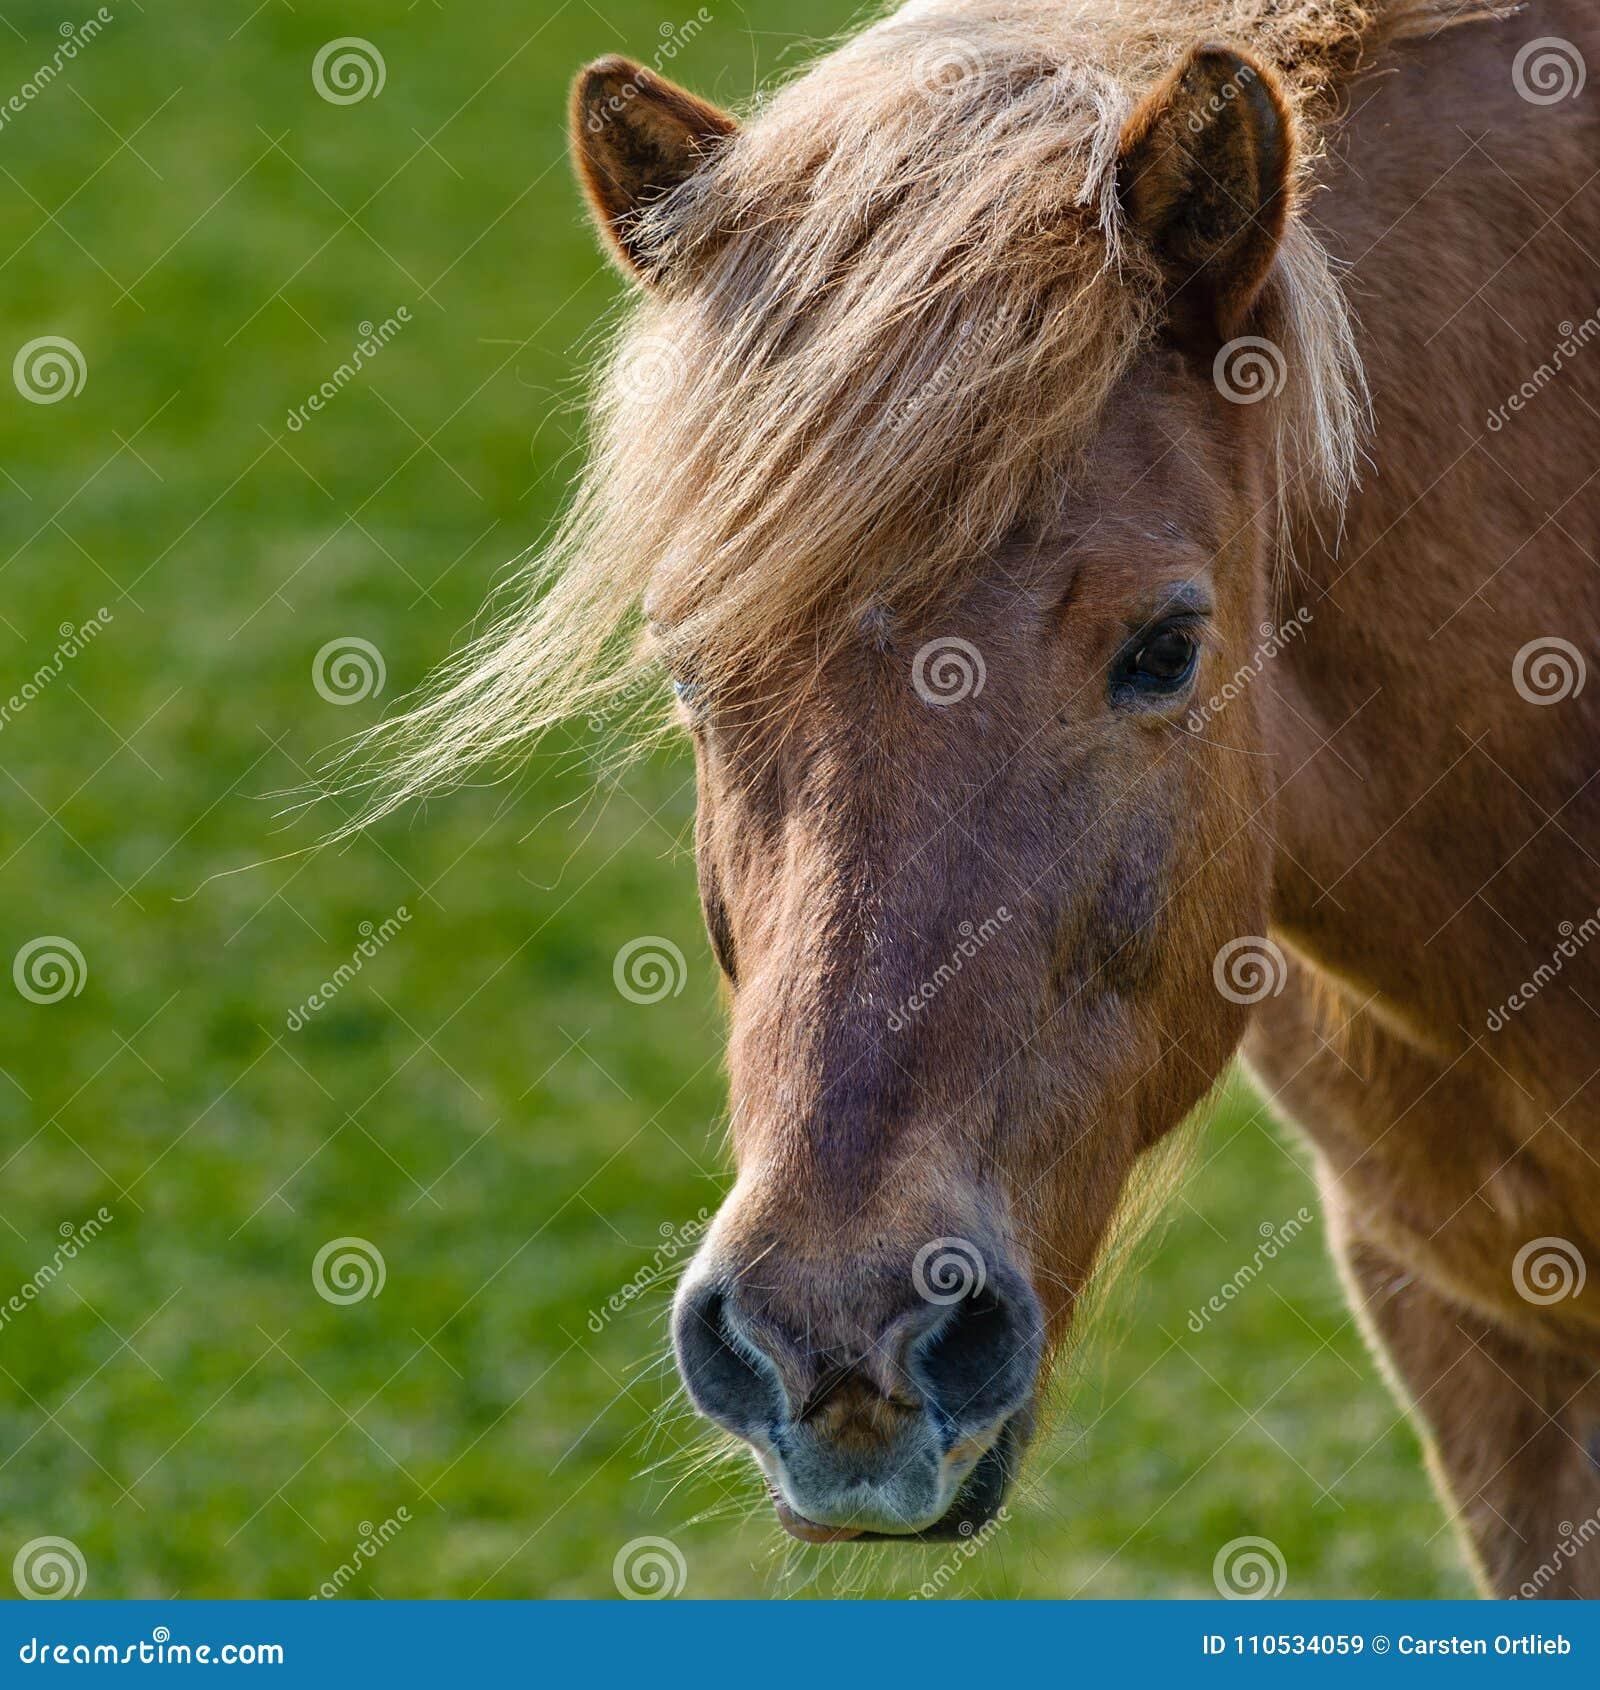 Pferd-sieht aus wie Donald Trump